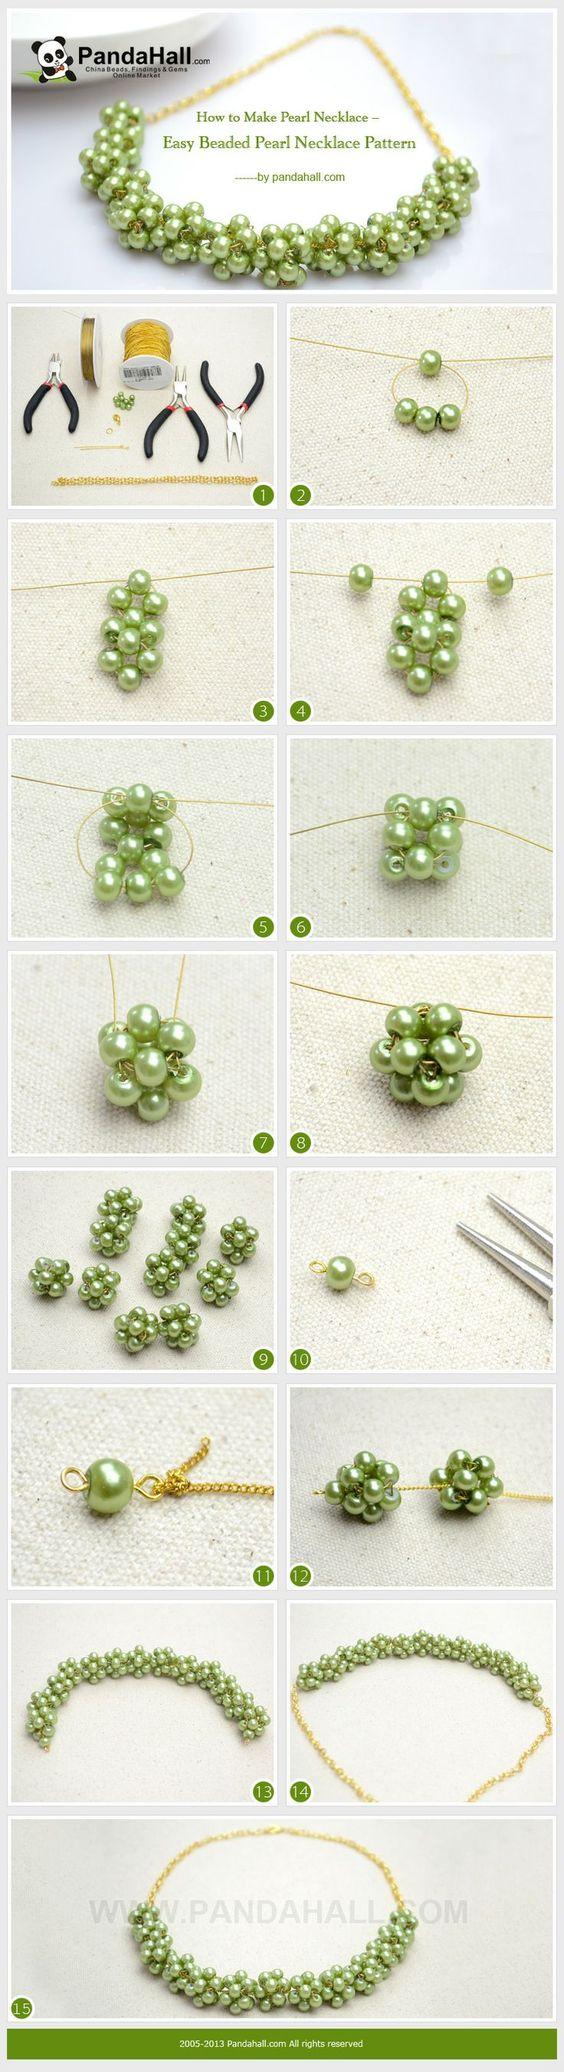 Cómo hacer collar de perlas. Patrón fácil - How to Make Pearl Necklace. Easy Pattern